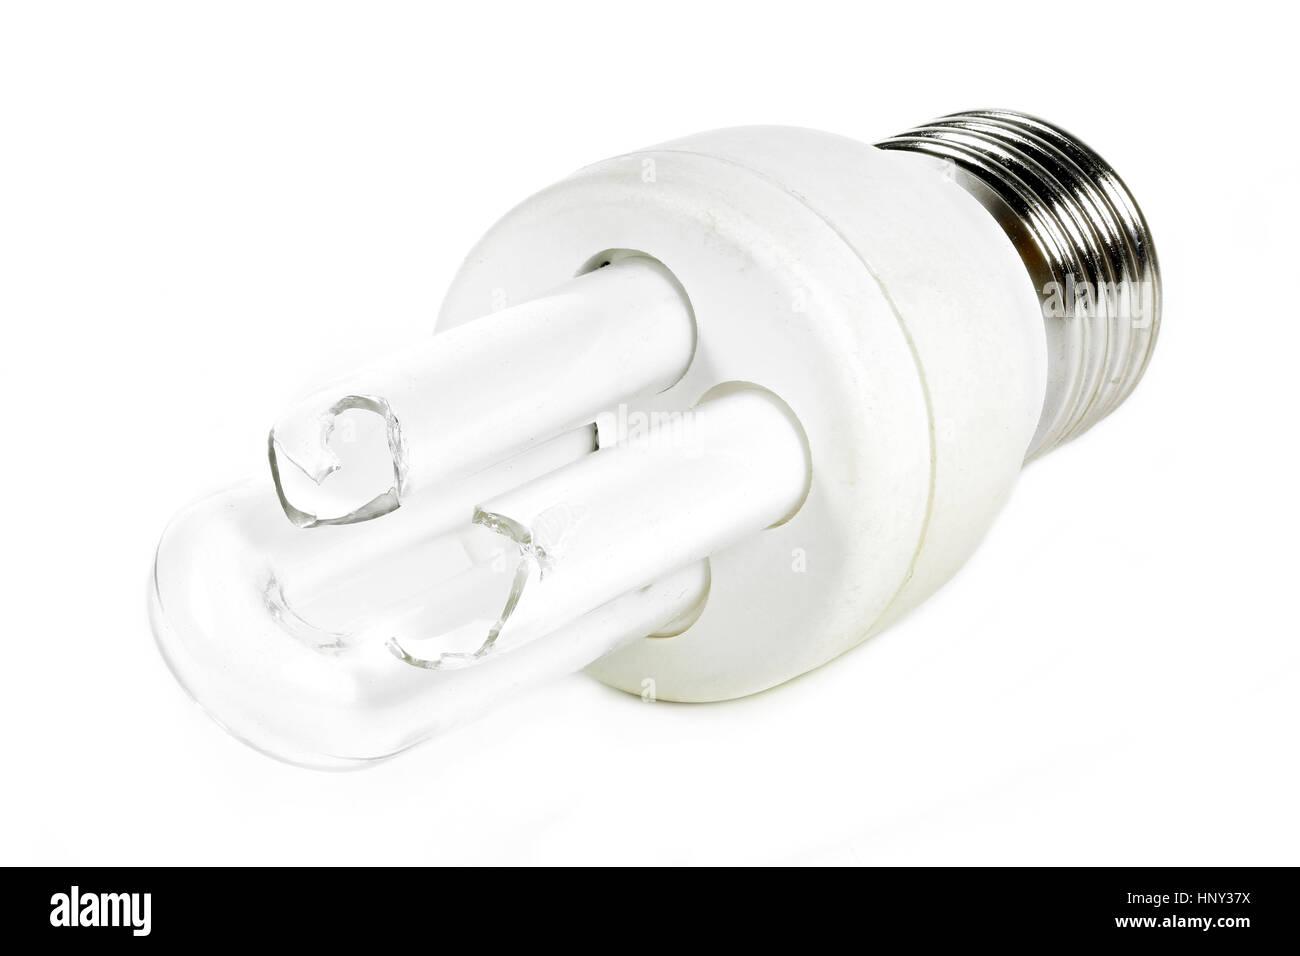 Lampada Tubolare Fluorescente : Rotto tubolare tipo di lampada fluorescente compatta da isolati su